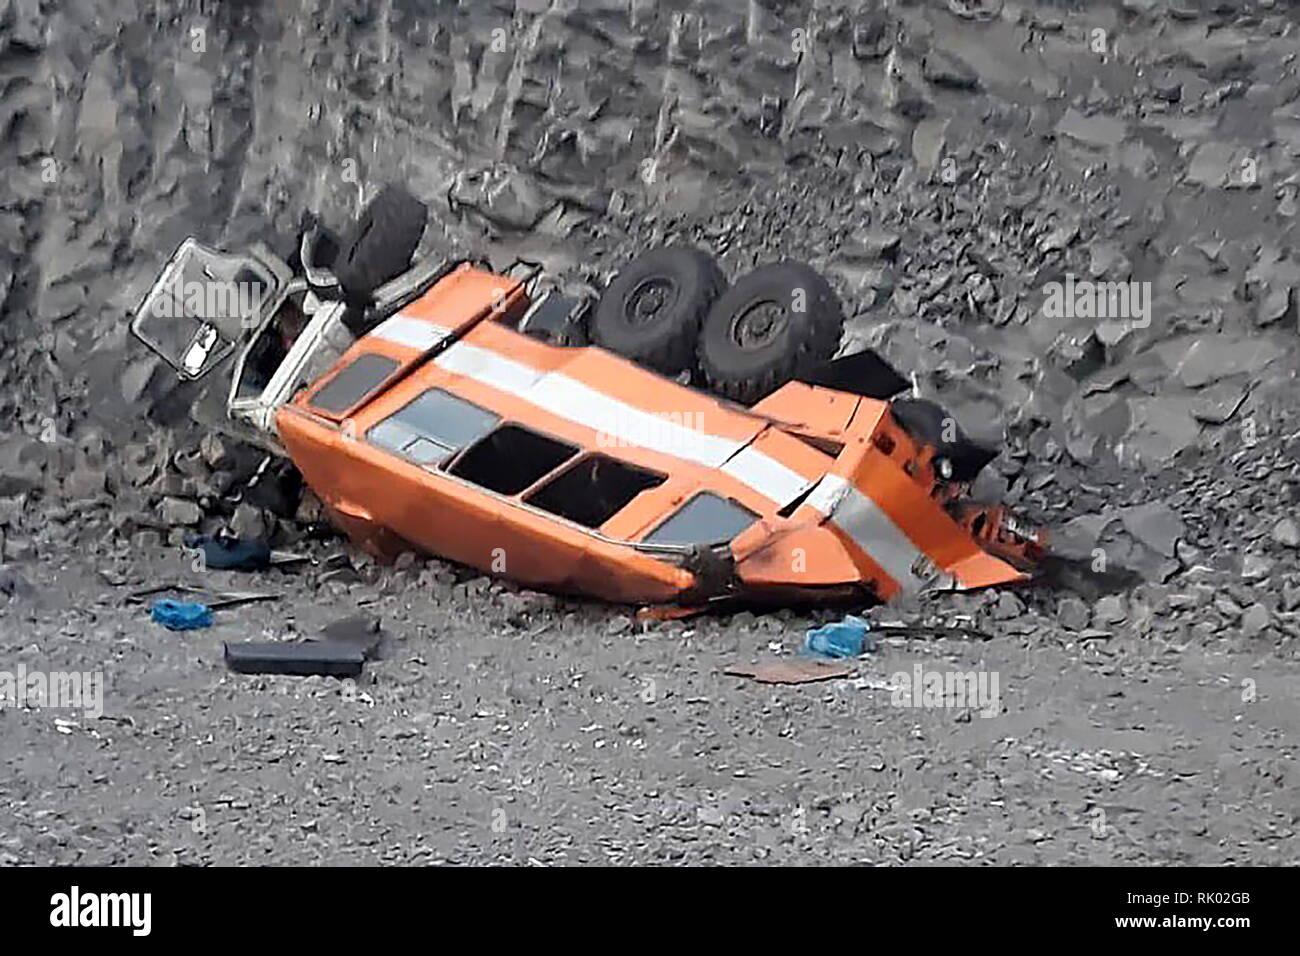 La région de Kemerovo, en Russie. Le 08 février, 2019. La région de Kemerovo, Russie - Février 8, 2019: l'épave d'un bus de l'équipe après qu'il a diminué de 8 mètres en bas de la pente dans une mine à ciel ouvert à l'Raspadskaya Mine de charbon en Mezhdurechensk, Kemerovo Region, Russie; 6 personnes ont été tuées dans l'accident, 18 ont subi des blessures. (Droit à la meilleure qualité possible) Bureau de presse de la Direction générale de la région de Kemerovo Ministère de situations durgence de la Russie/crédit: TASS ITAR-TASS News Agency/Alamy Live News Photo Stock